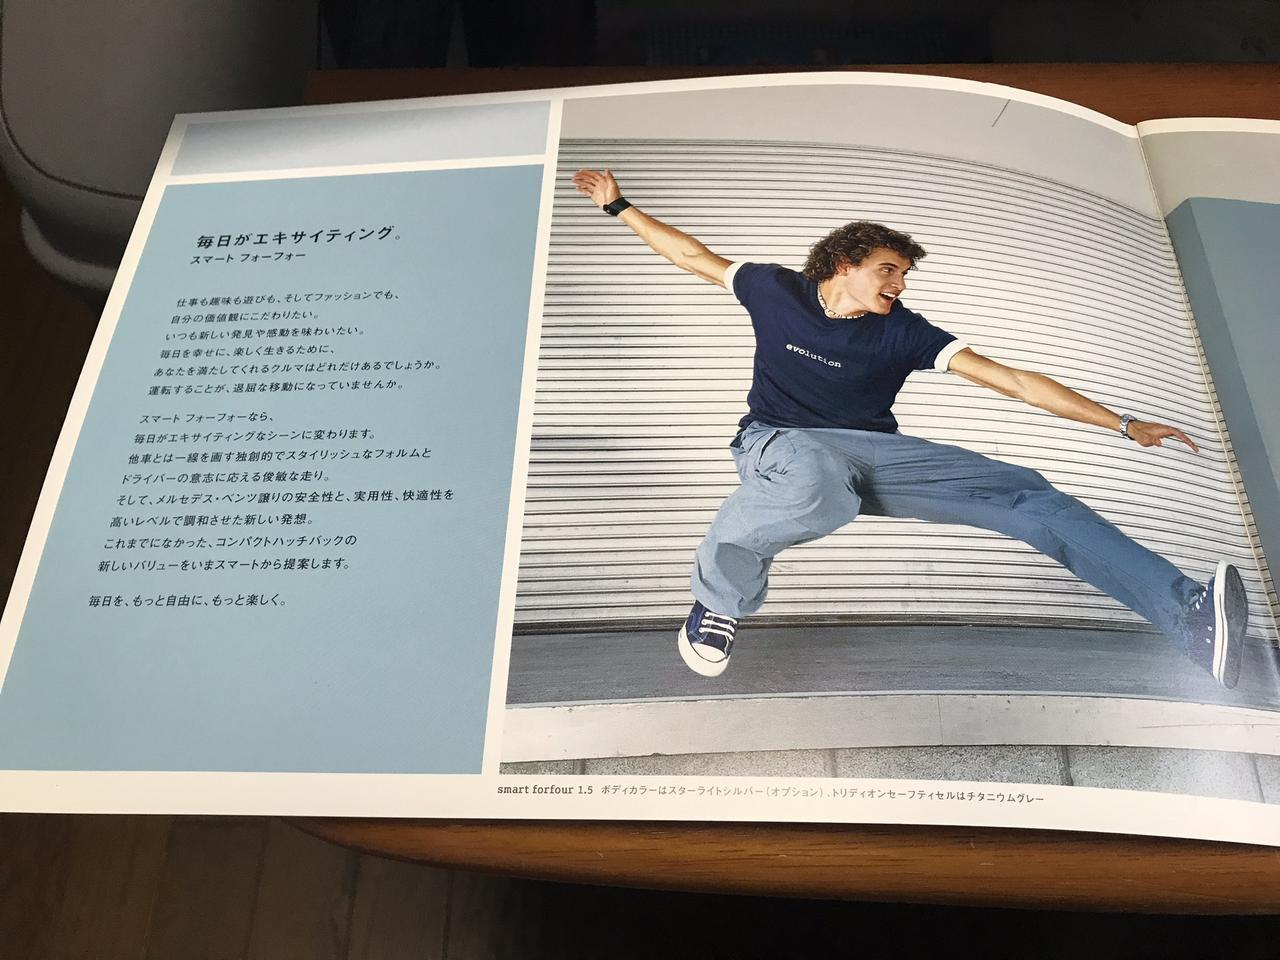 画像2: 懐カタログ'04「スマート フォーフォー」